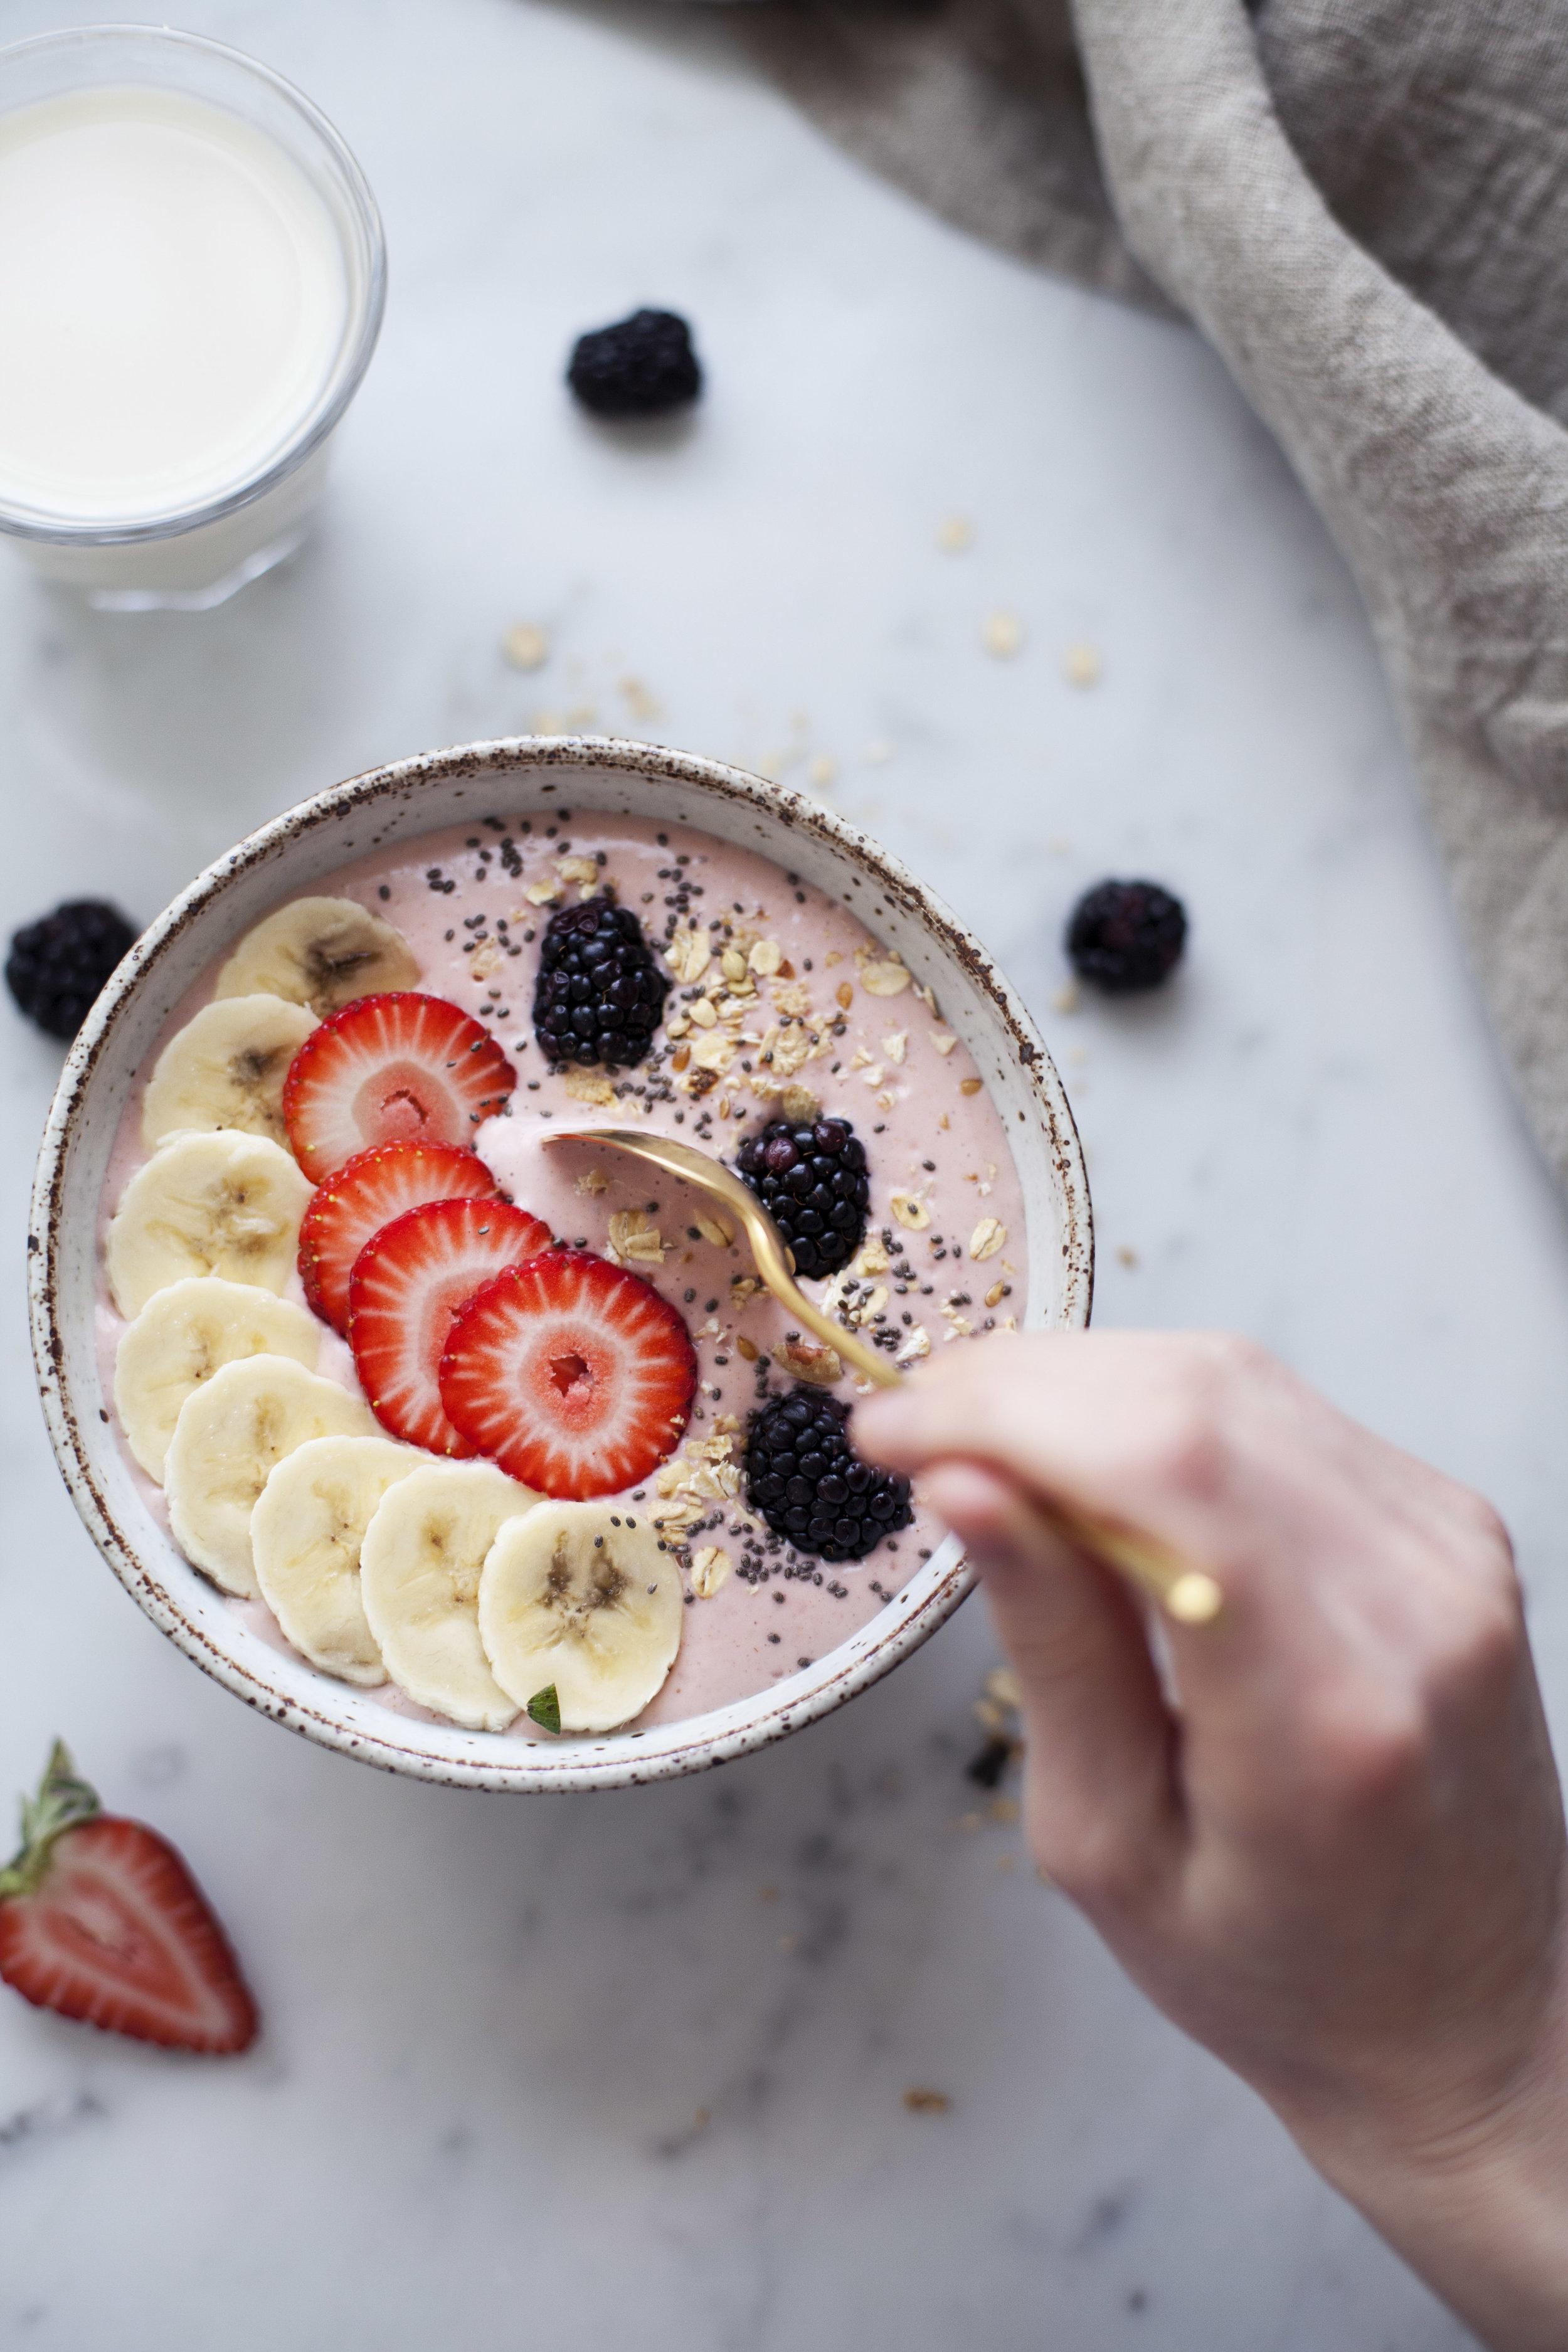 strawberry banana smoothie bowl xv.jpg